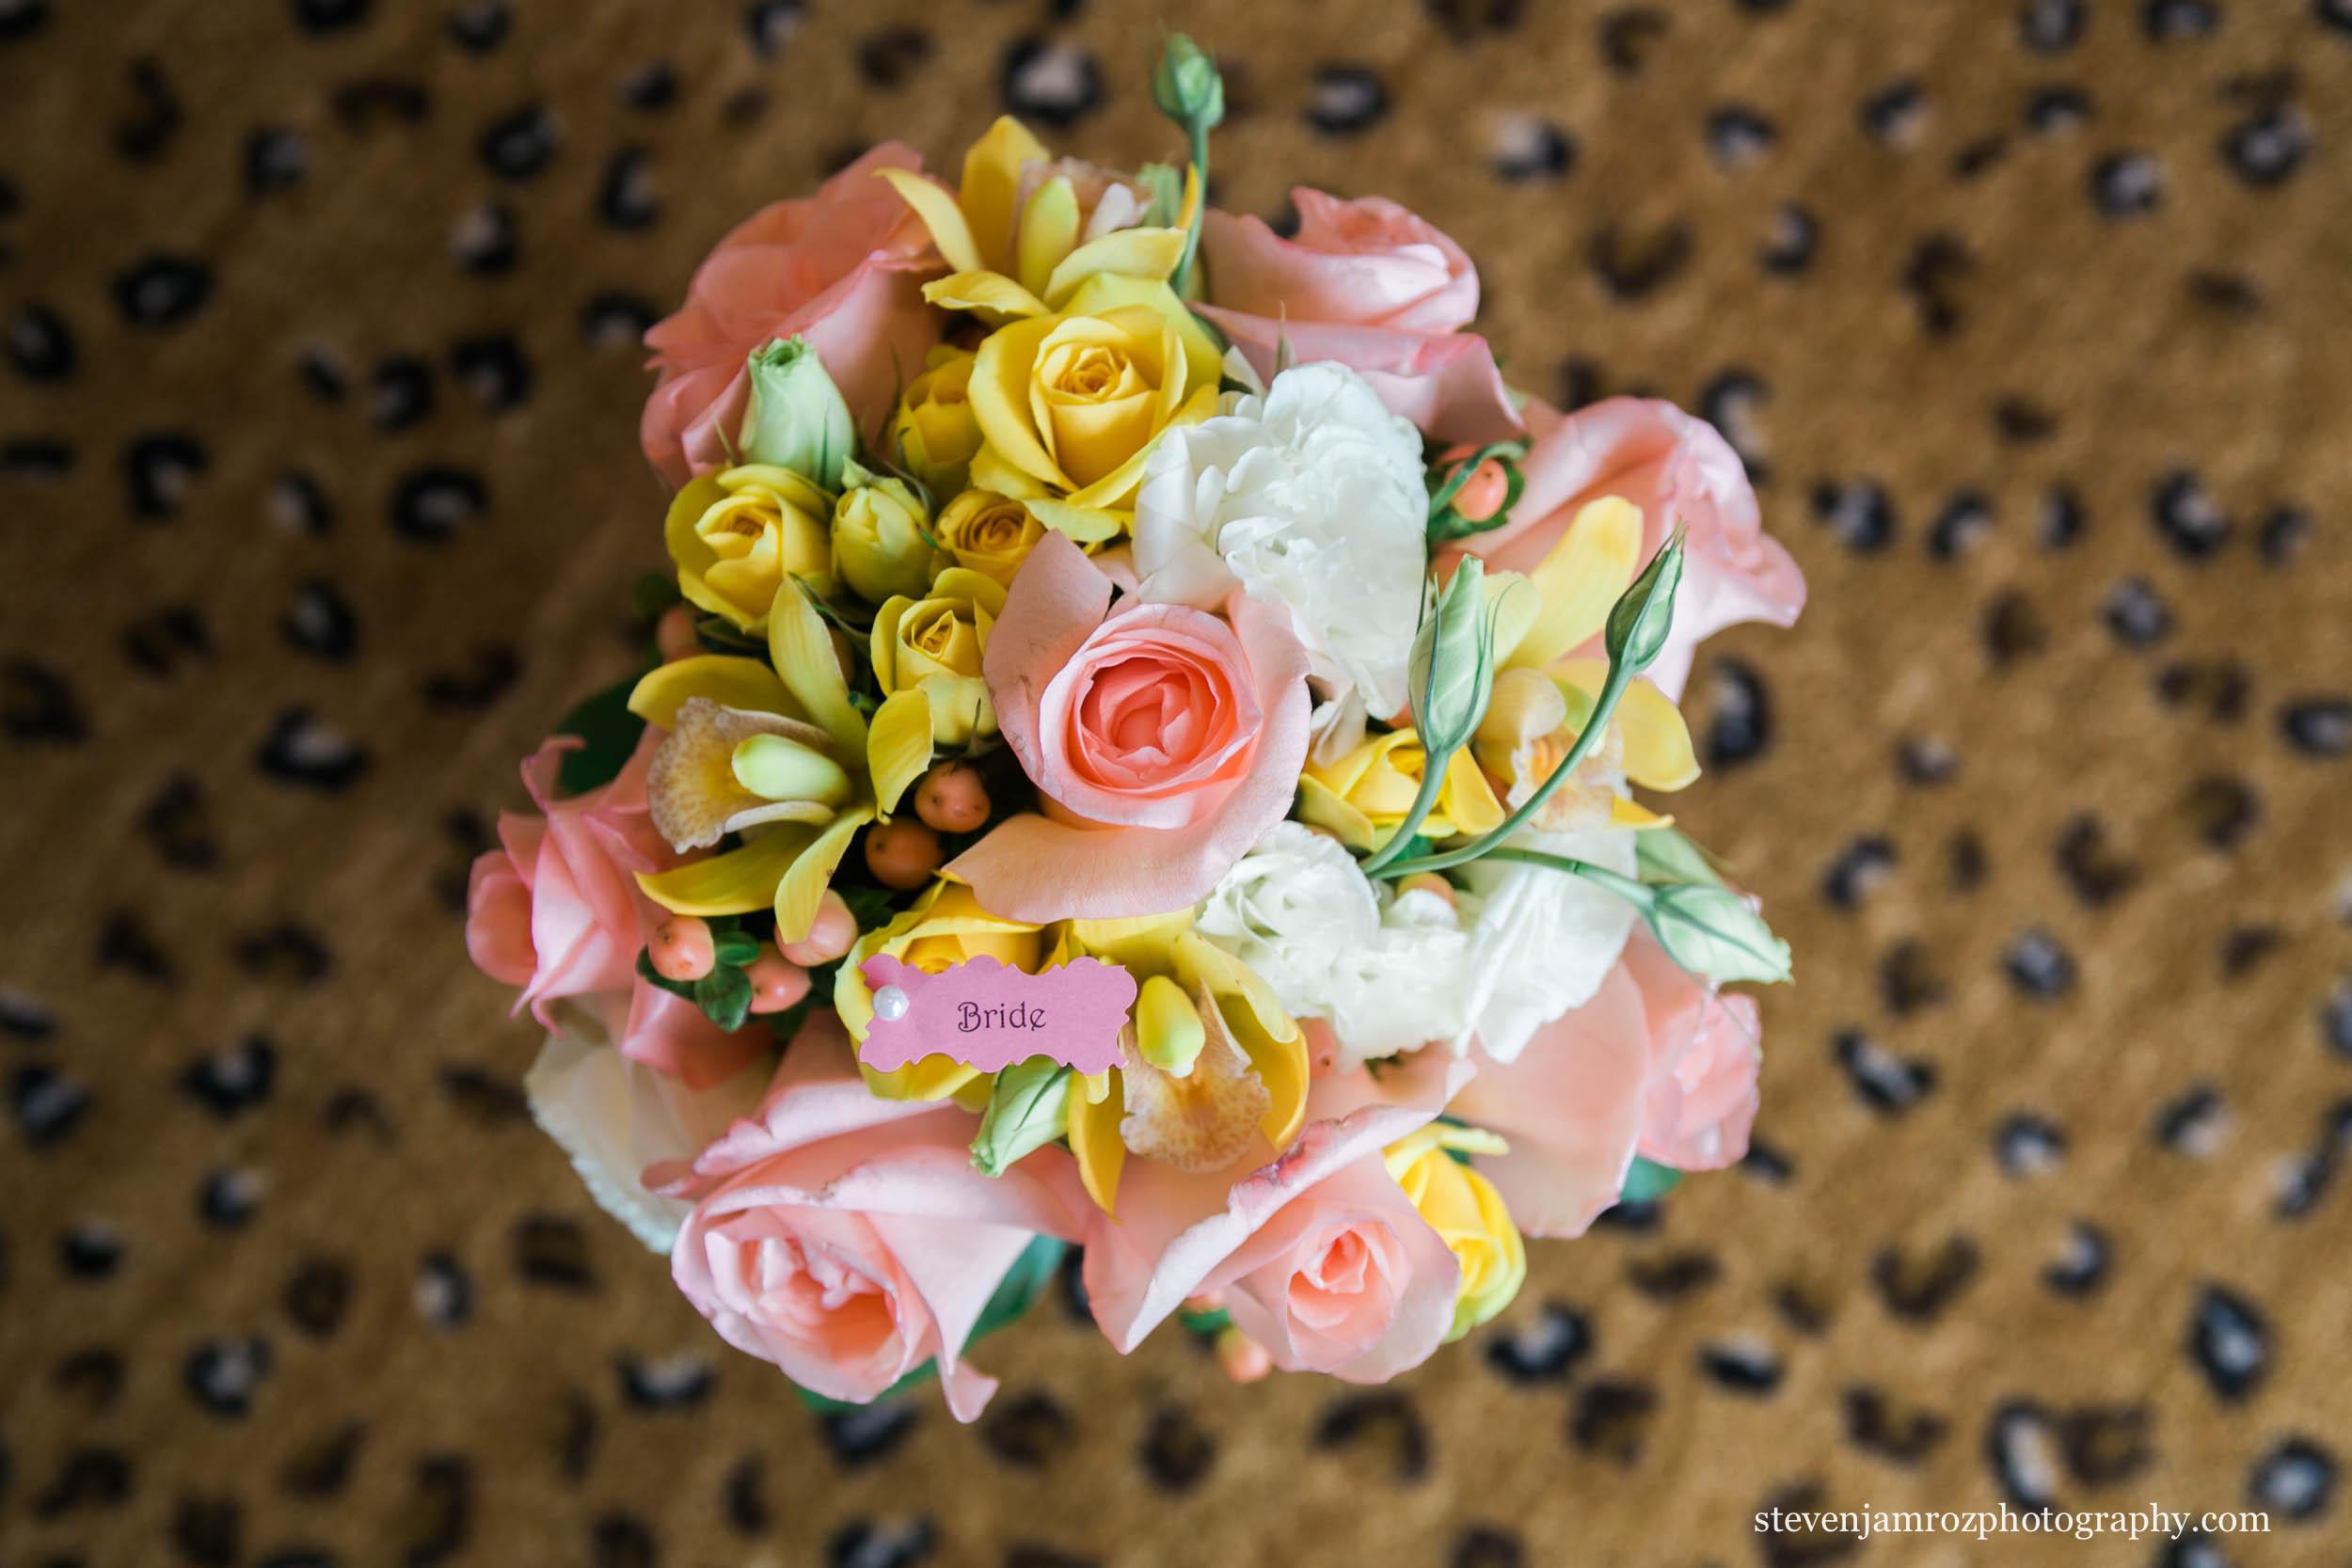 flower-bouquet-raleigh-nc-steven-jamroz-photography-0420.jpg